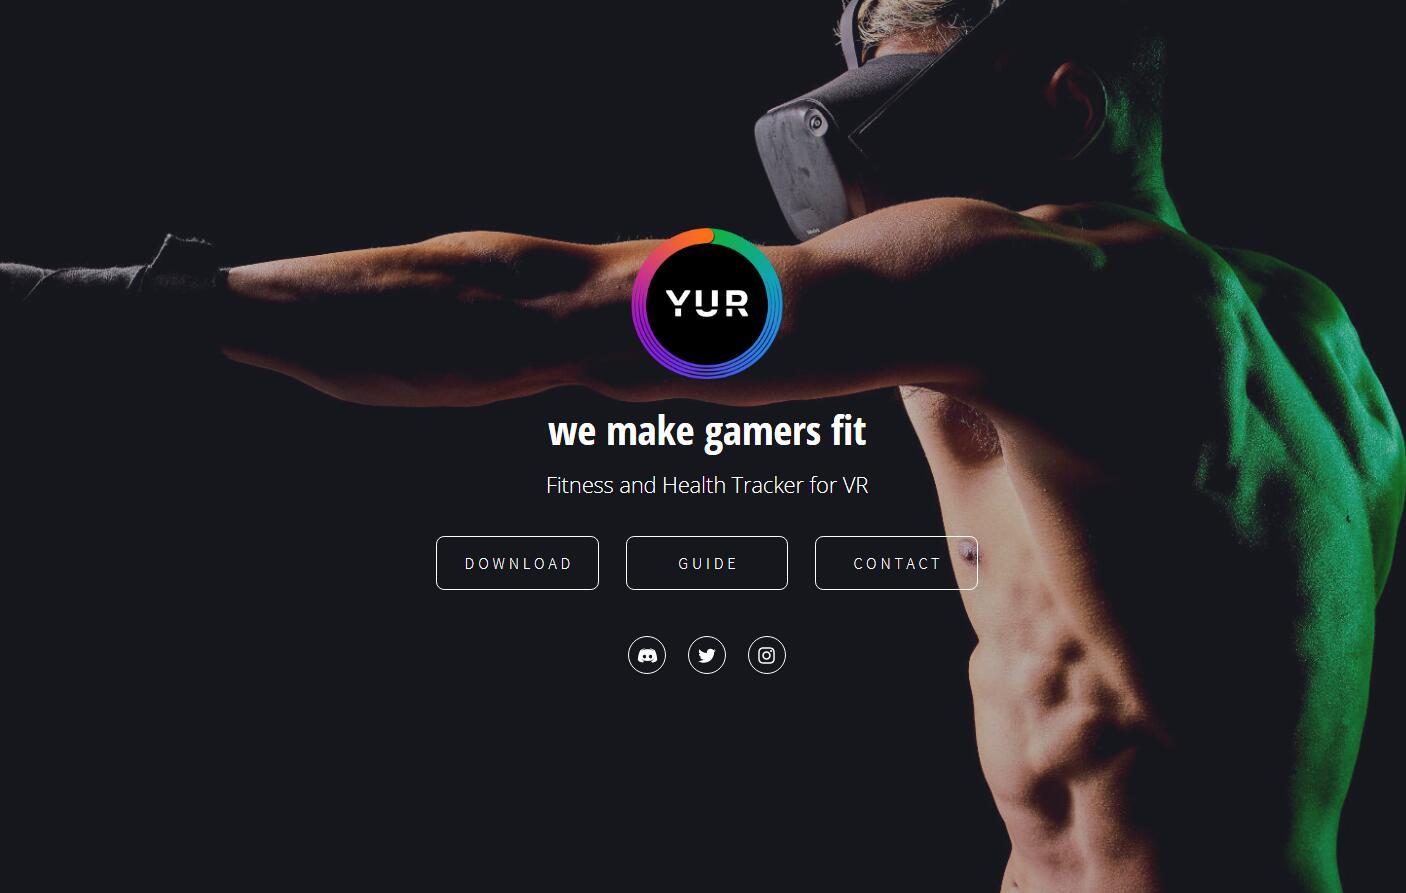 打游戏和运动两不误!虚拟健身社群 YUR 完成110万美元种子轮前期融资